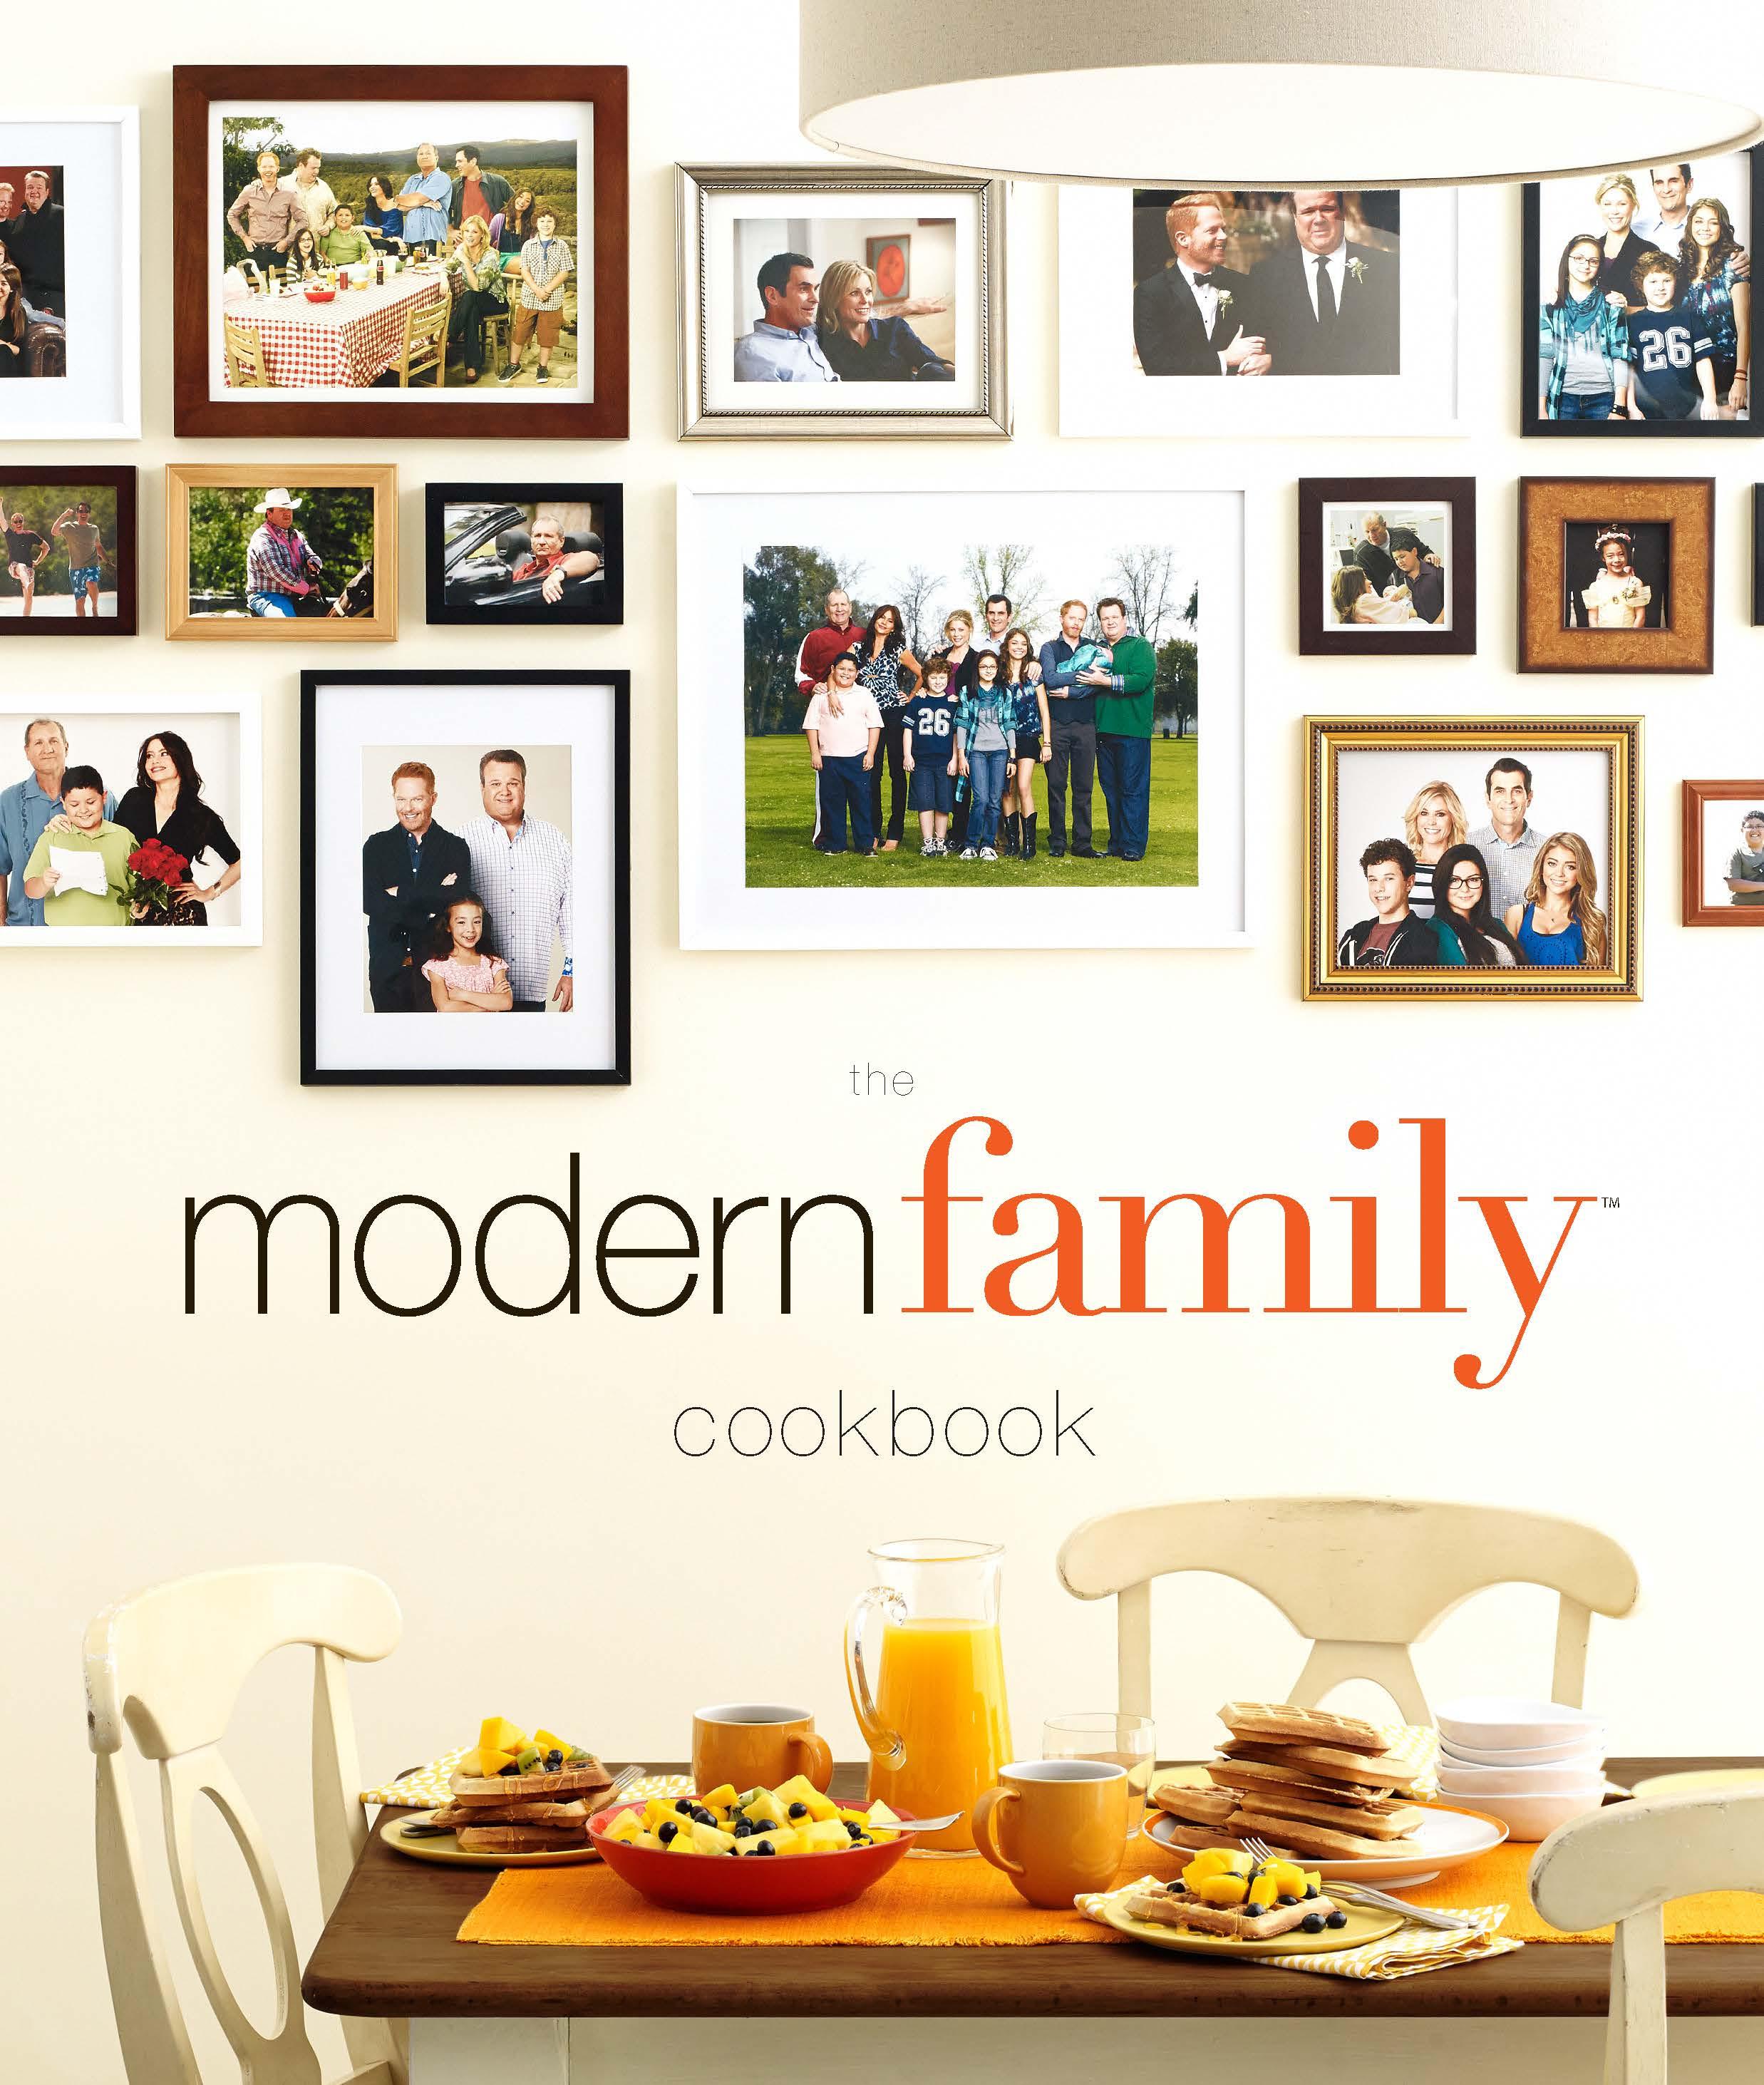 Modern Family Cookbook.jpg